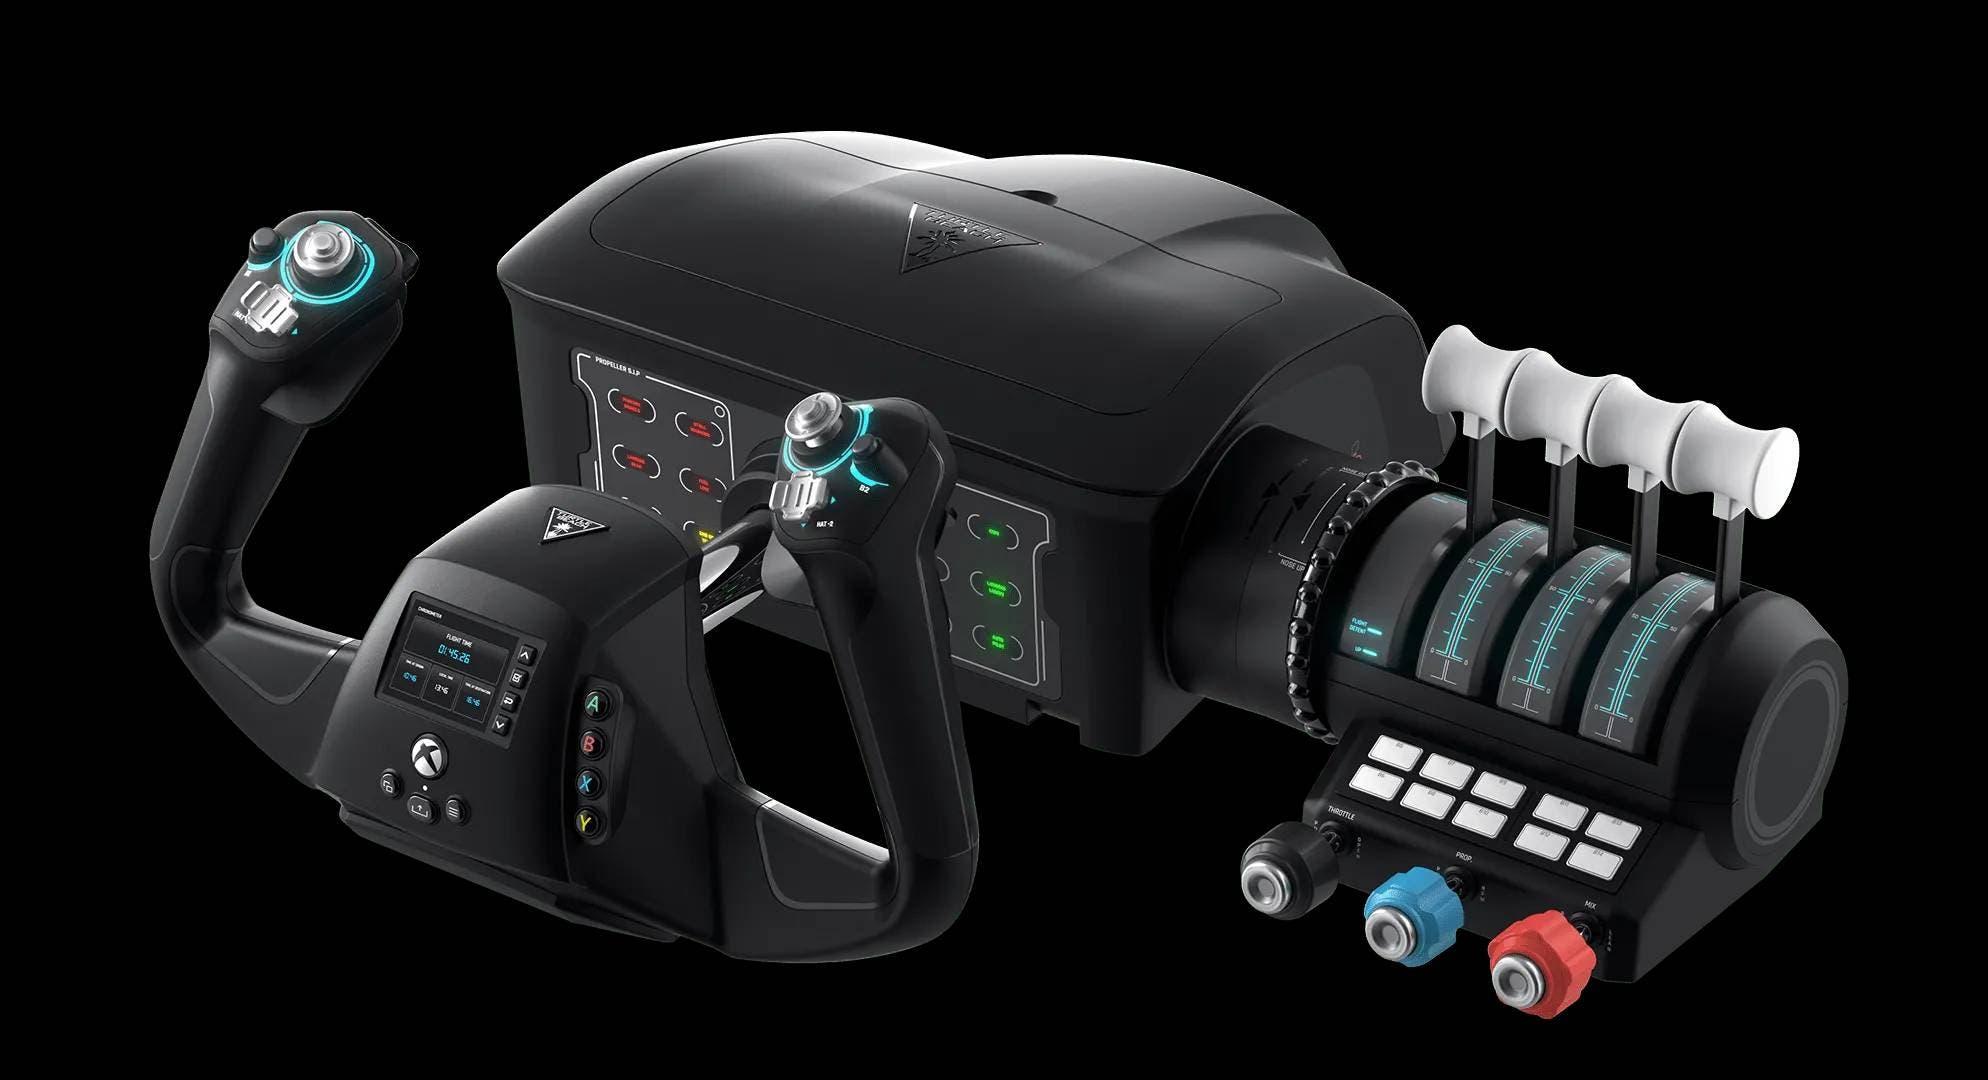 Turtle Beach presenta nuevos periféricos pensados para Xbox y Flight Simulator 6